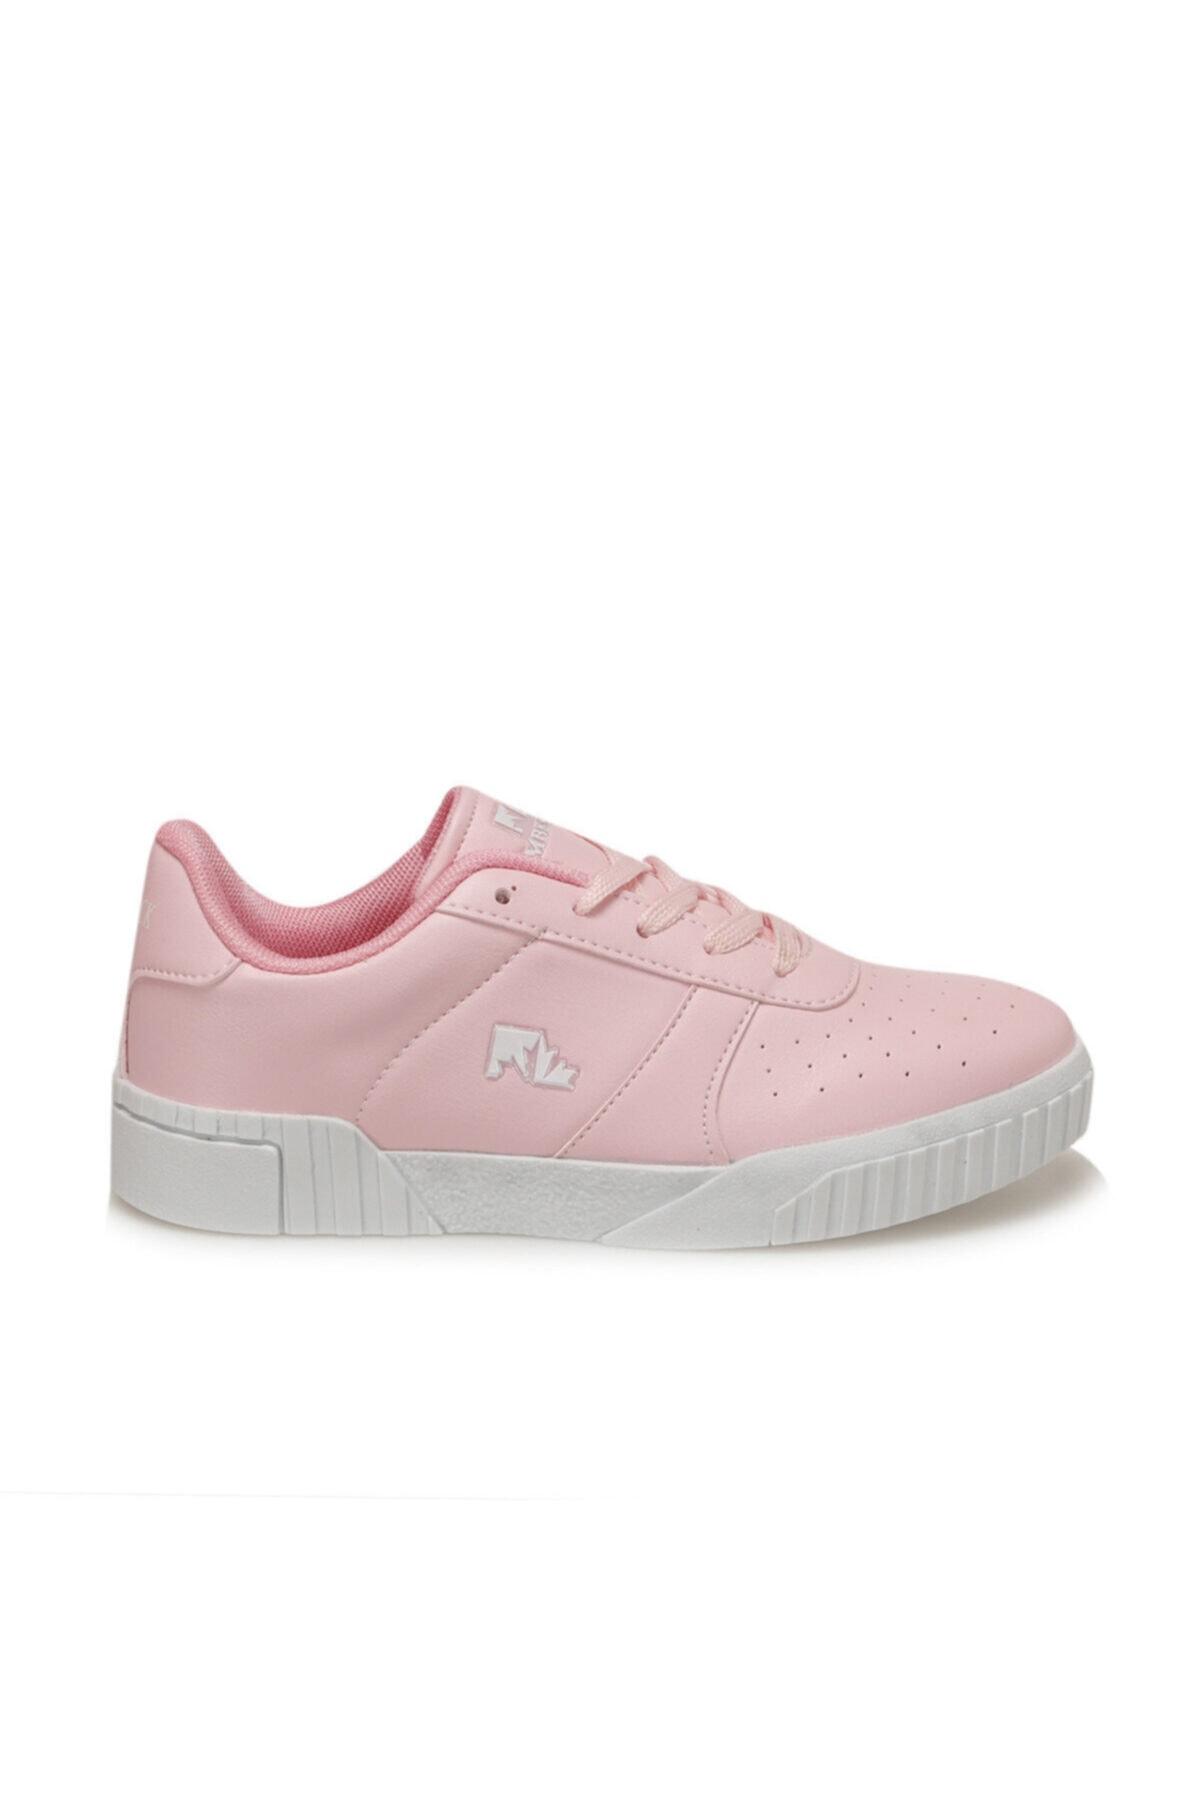 lumberjack Macaron Pembe Kız Çocuk Sneaker Ayakkabı 2